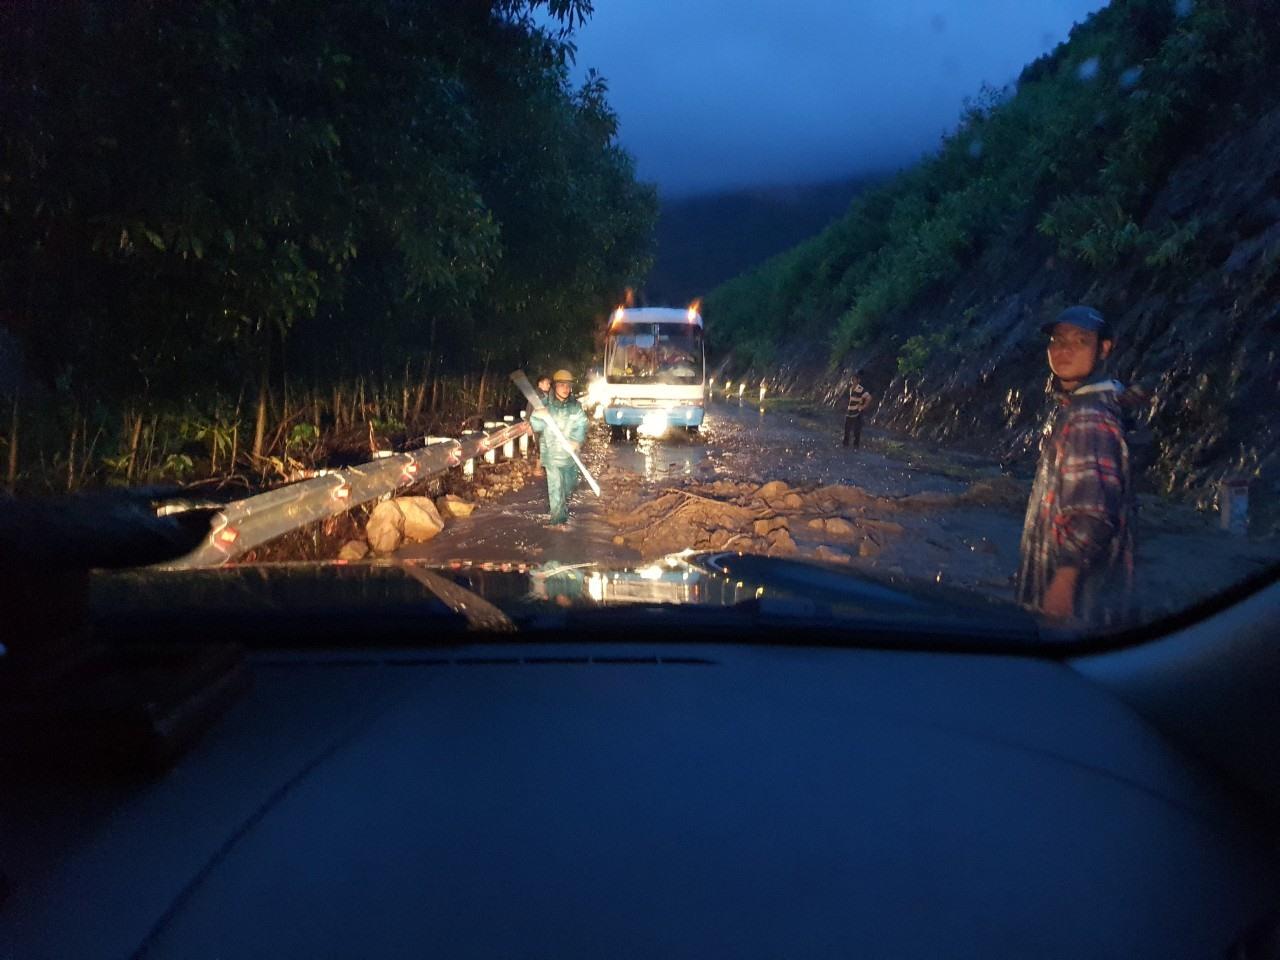 Lực lương chức năng khẩn trương thu dọn đất đá, đảm bảo giao thông. Ảnh MINH THÔNG